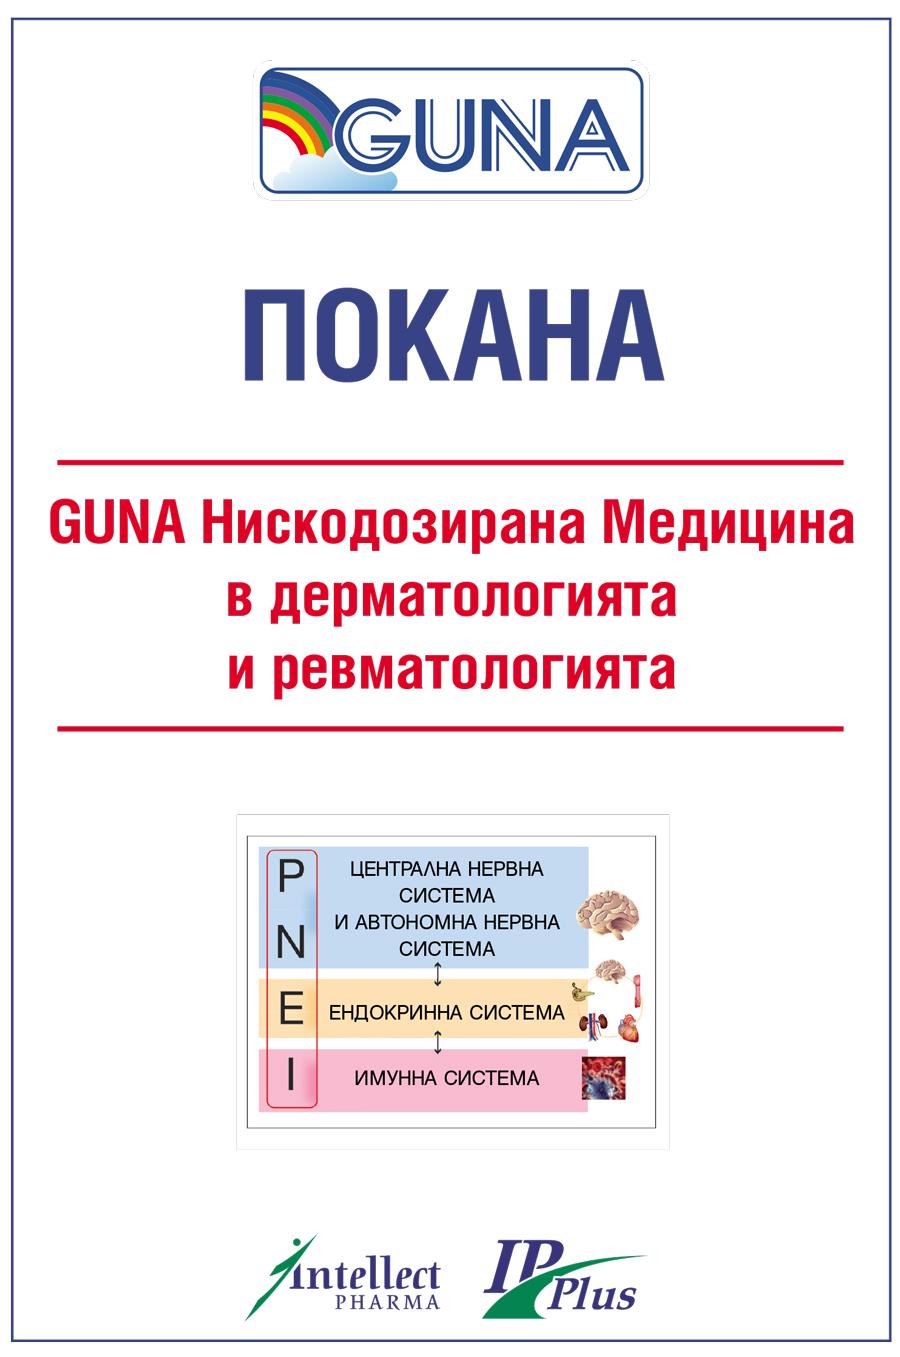 04 май Научна среща  GUNA Нискодозирана Медицина и GUNA Medical Devices 86768a94a8d